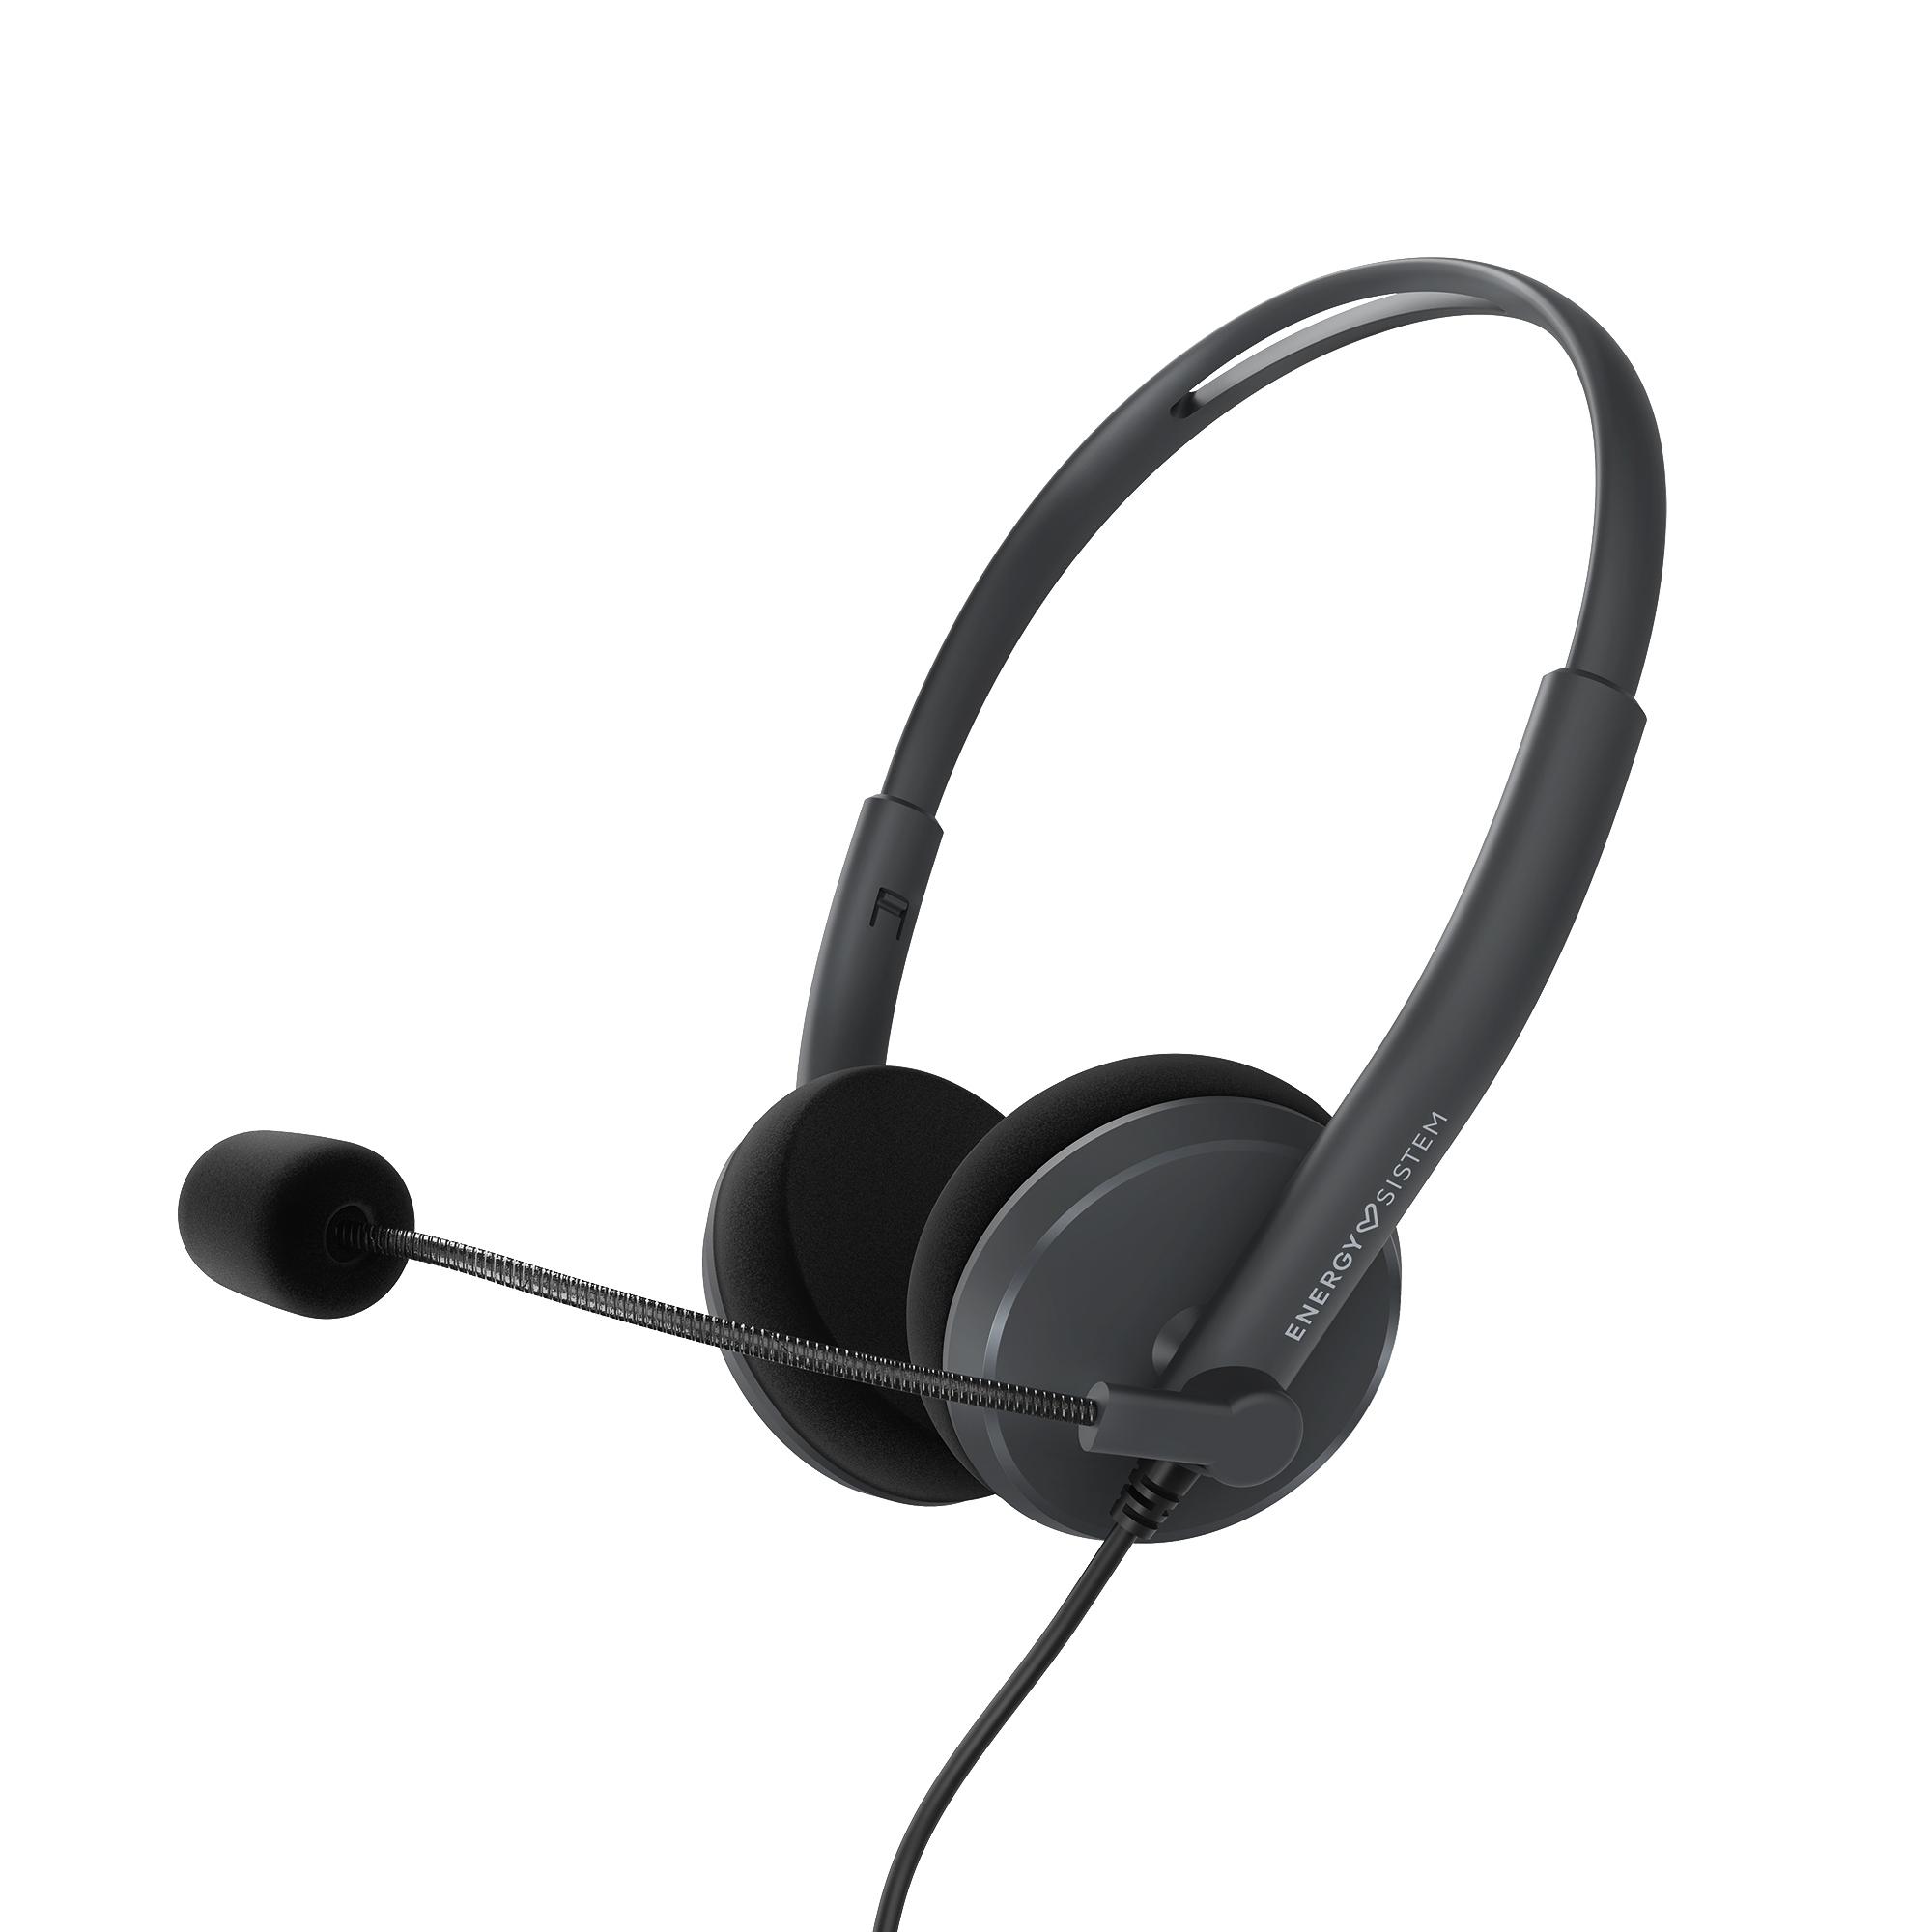 PIONEER Energy Sistem Headset Office 2, komunikační sluchátka s mikrofonem, USB kabel k PC, černá, 452132